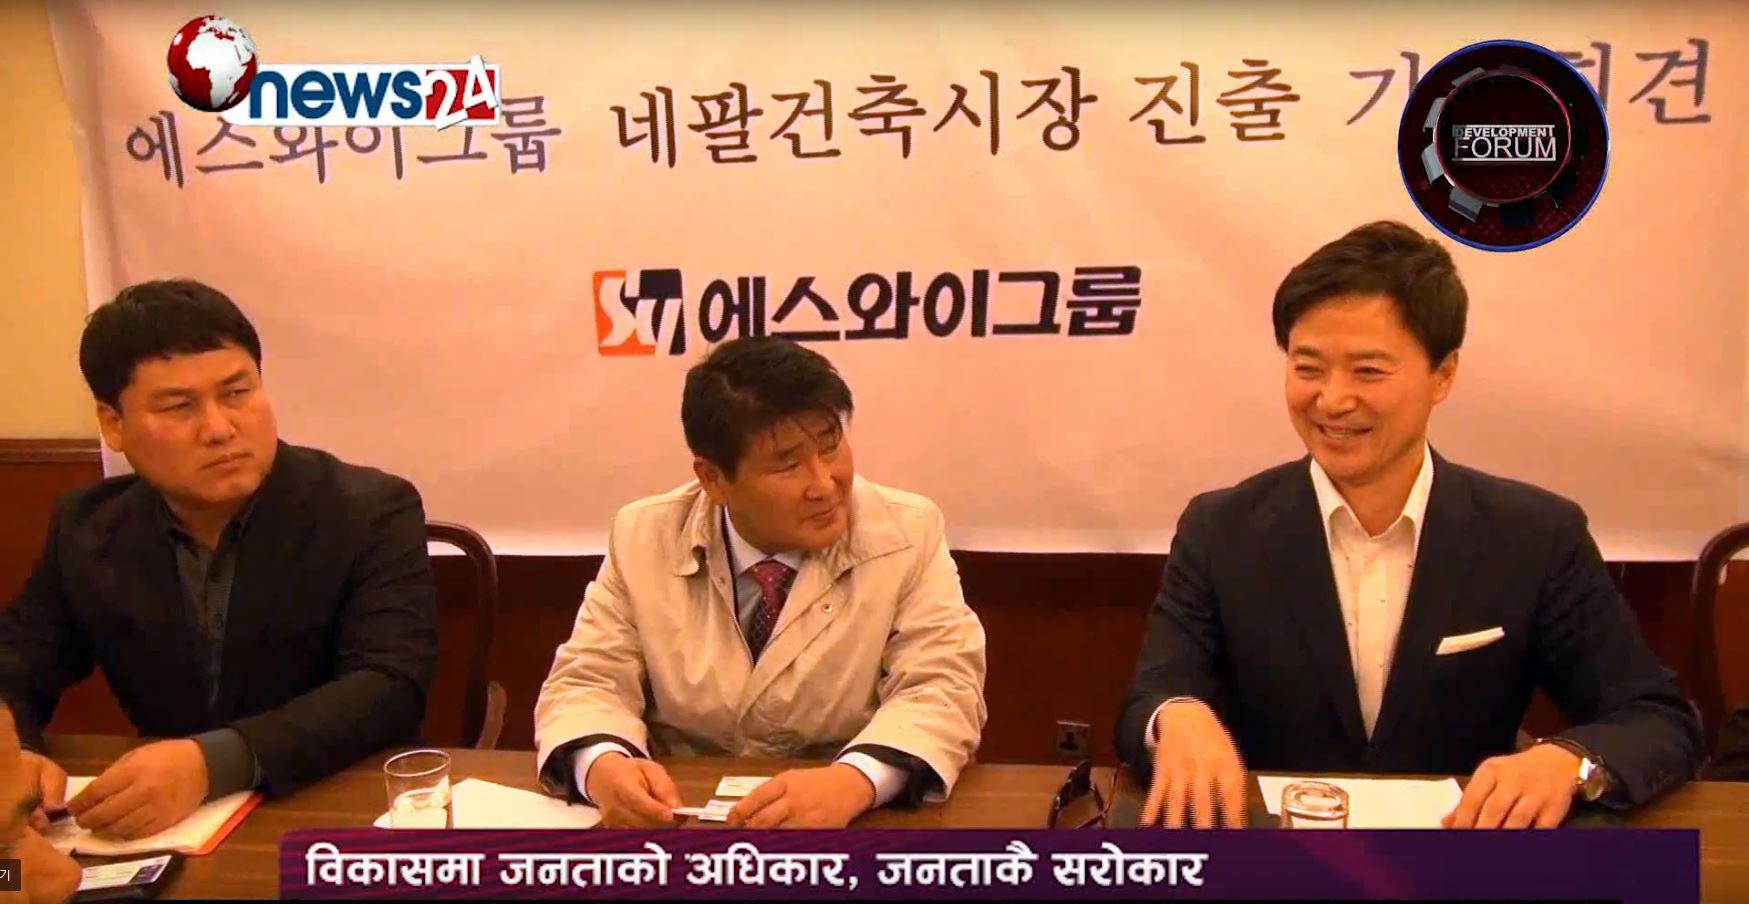 (2017.03.11)[네팔방송 에스와이패널 보도]에스와이패널, 네팔현지 기자회견